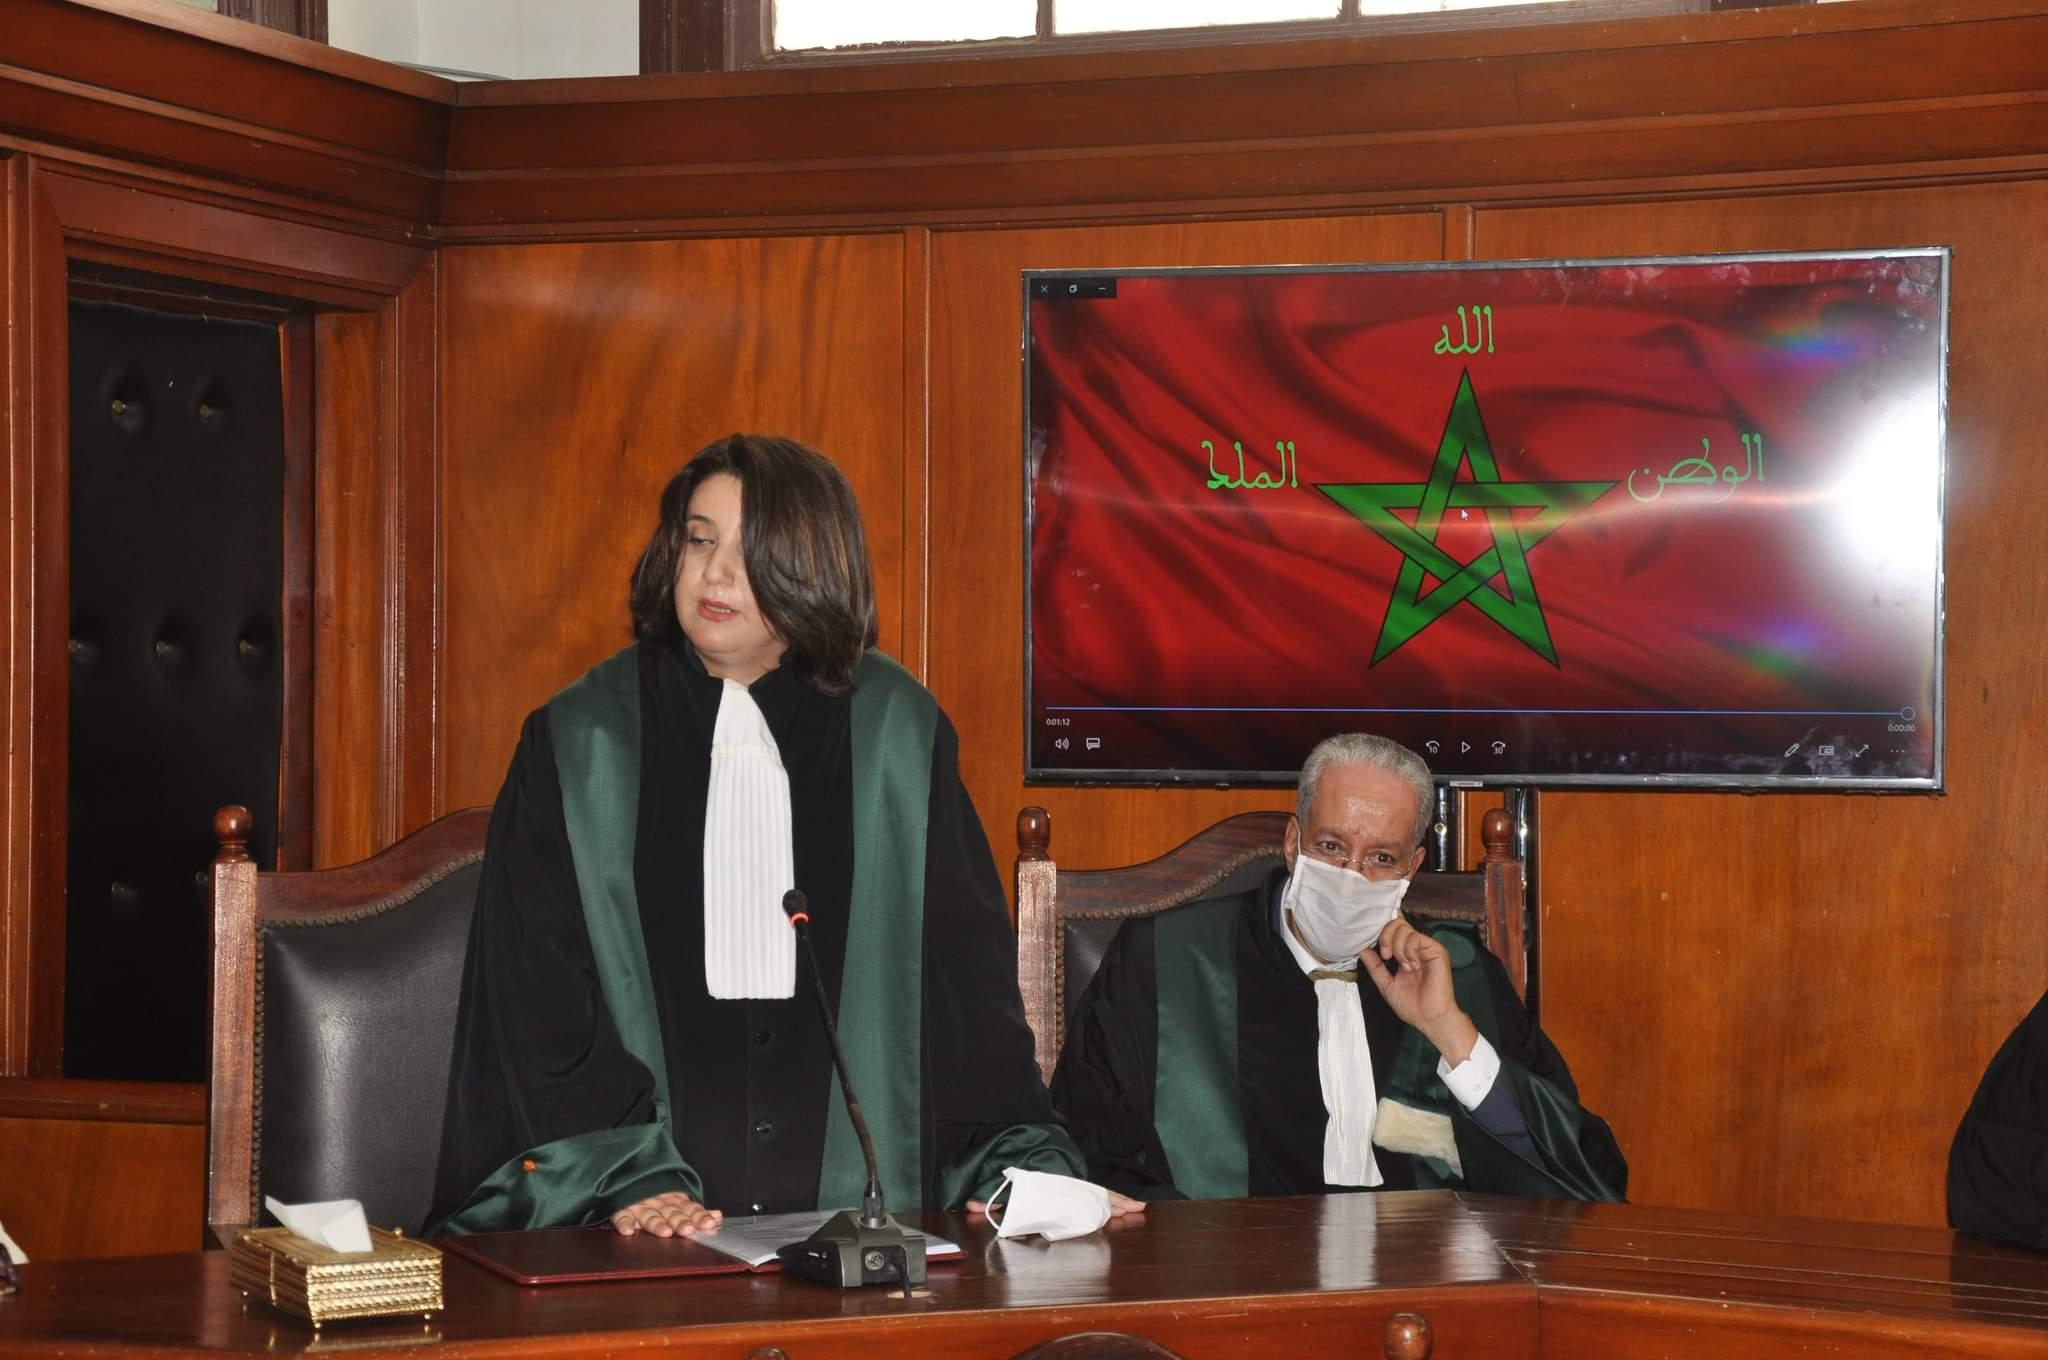 تنصيب الأستاذة غزلان بلبول وكيلة الملك لدى المحكمة التجارية بطنجة.